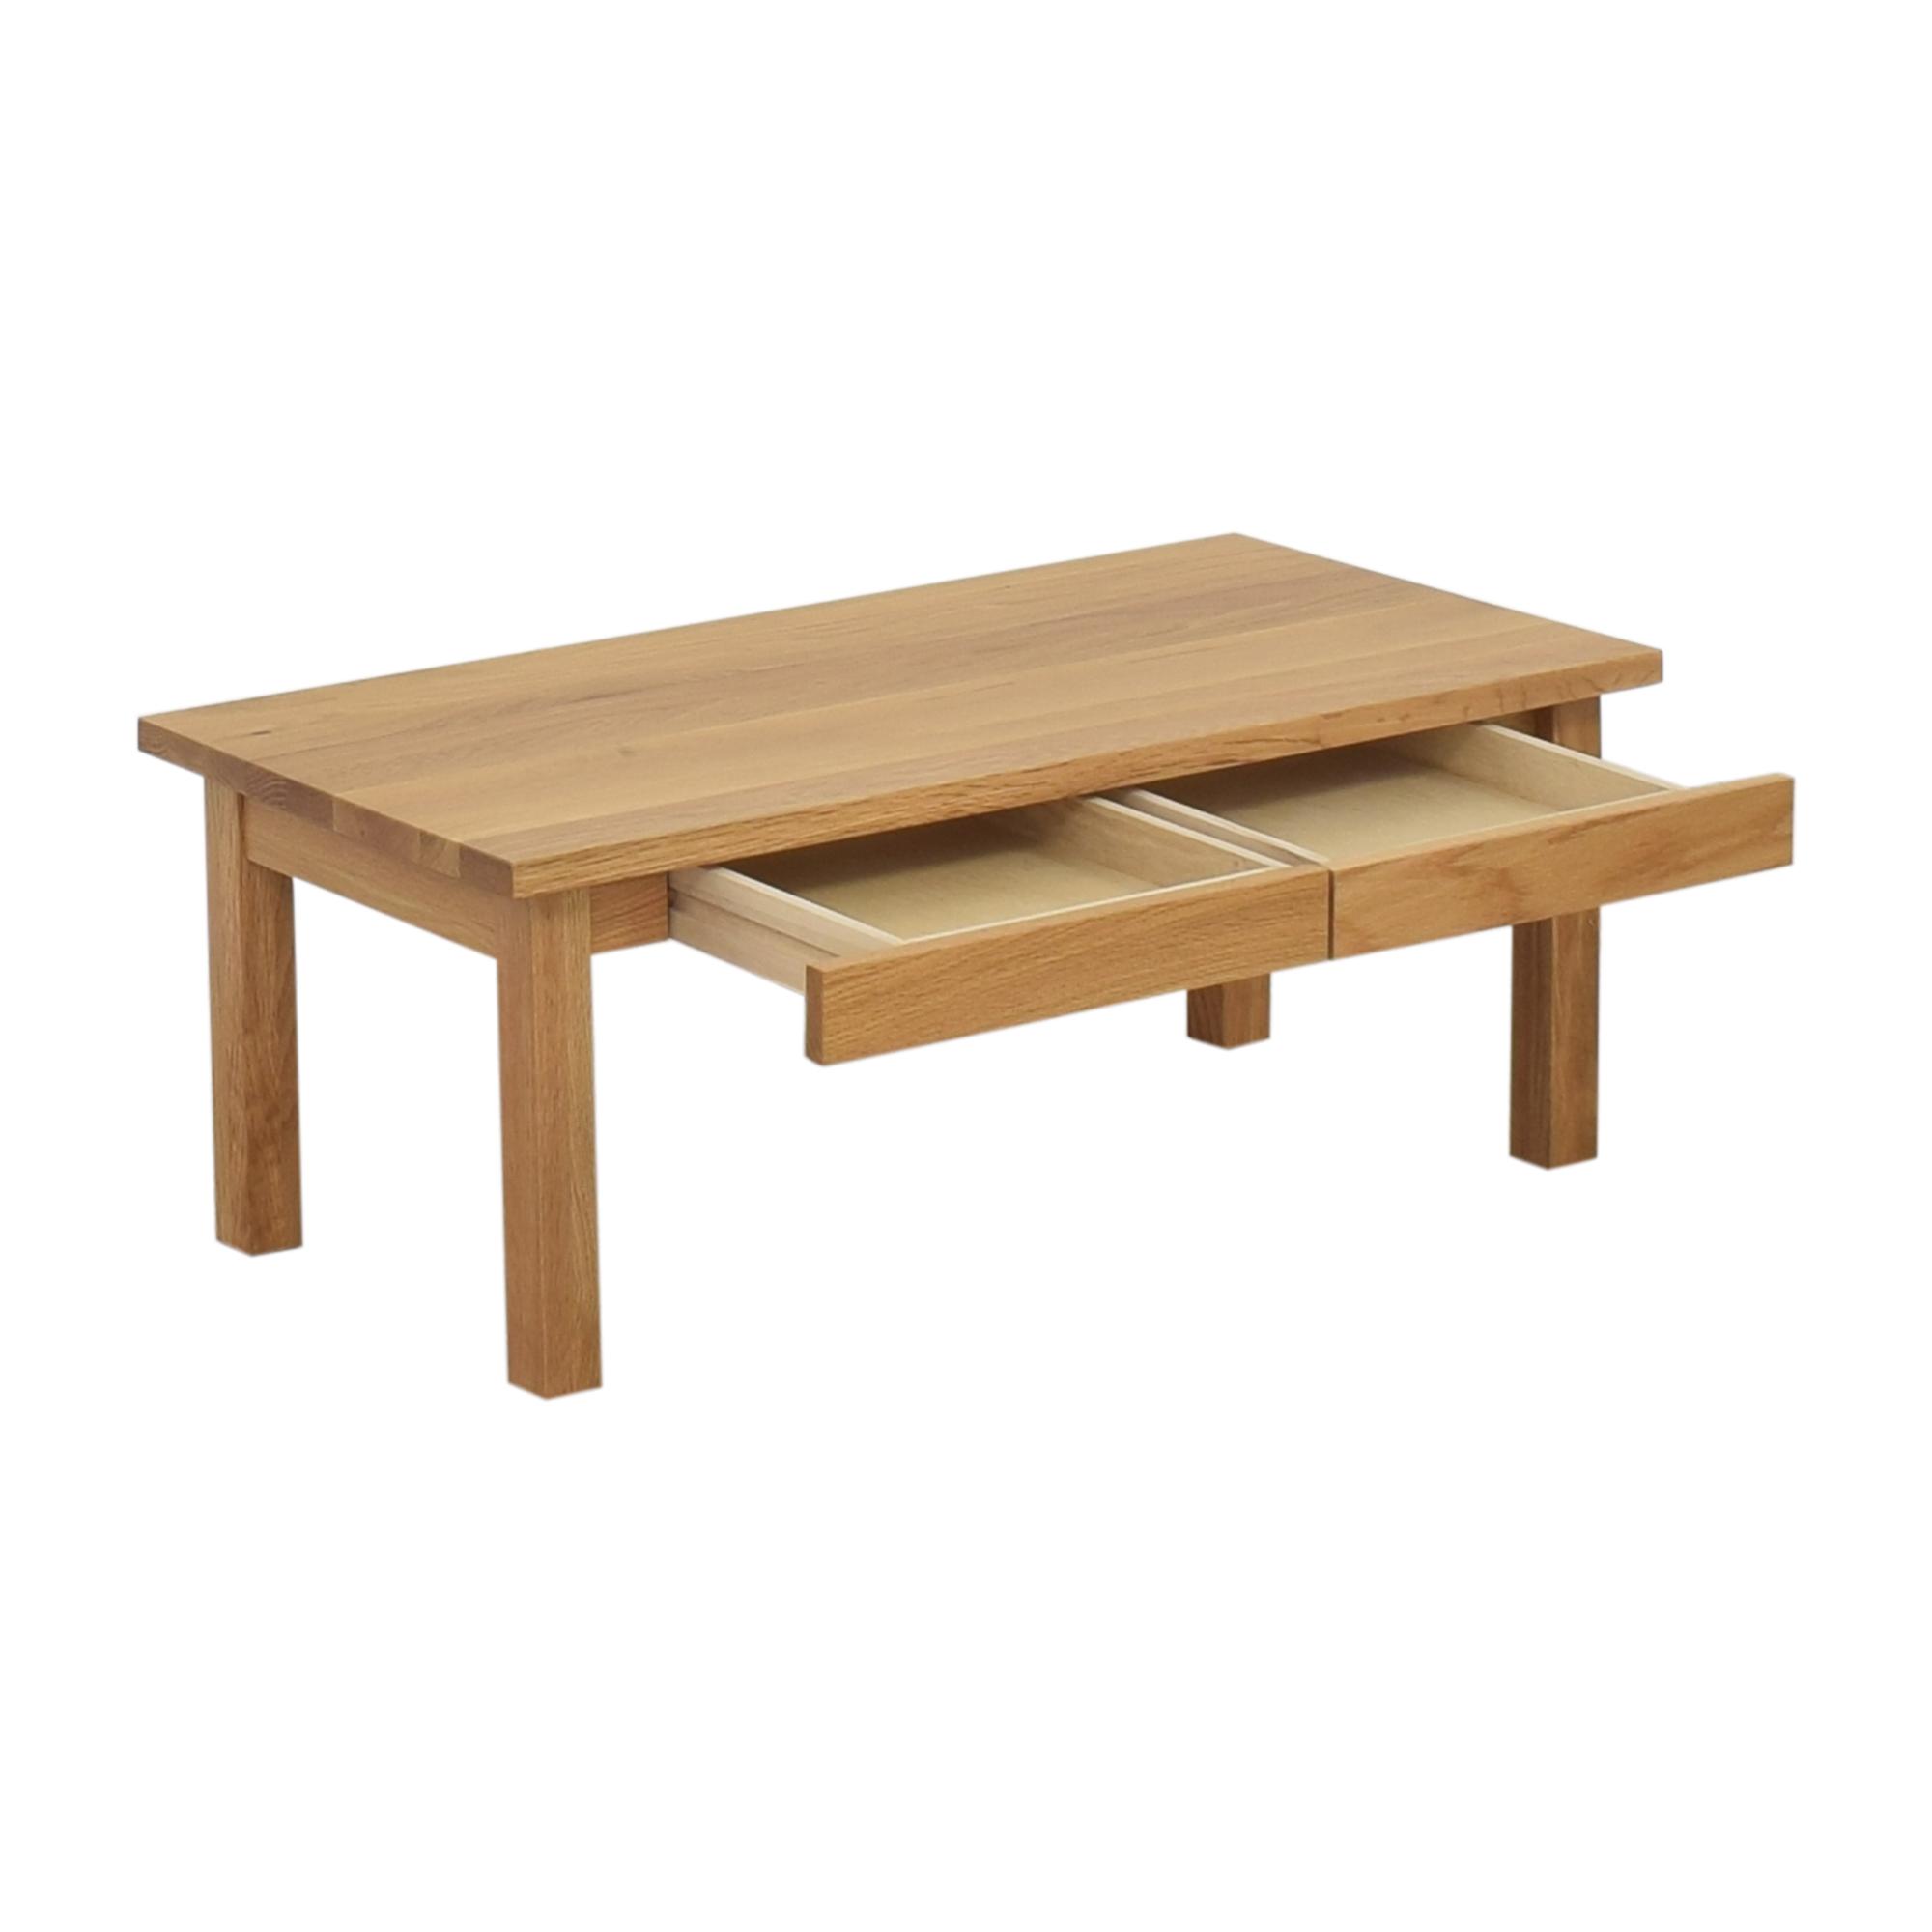 Muji Muji Low Coffee Table nj